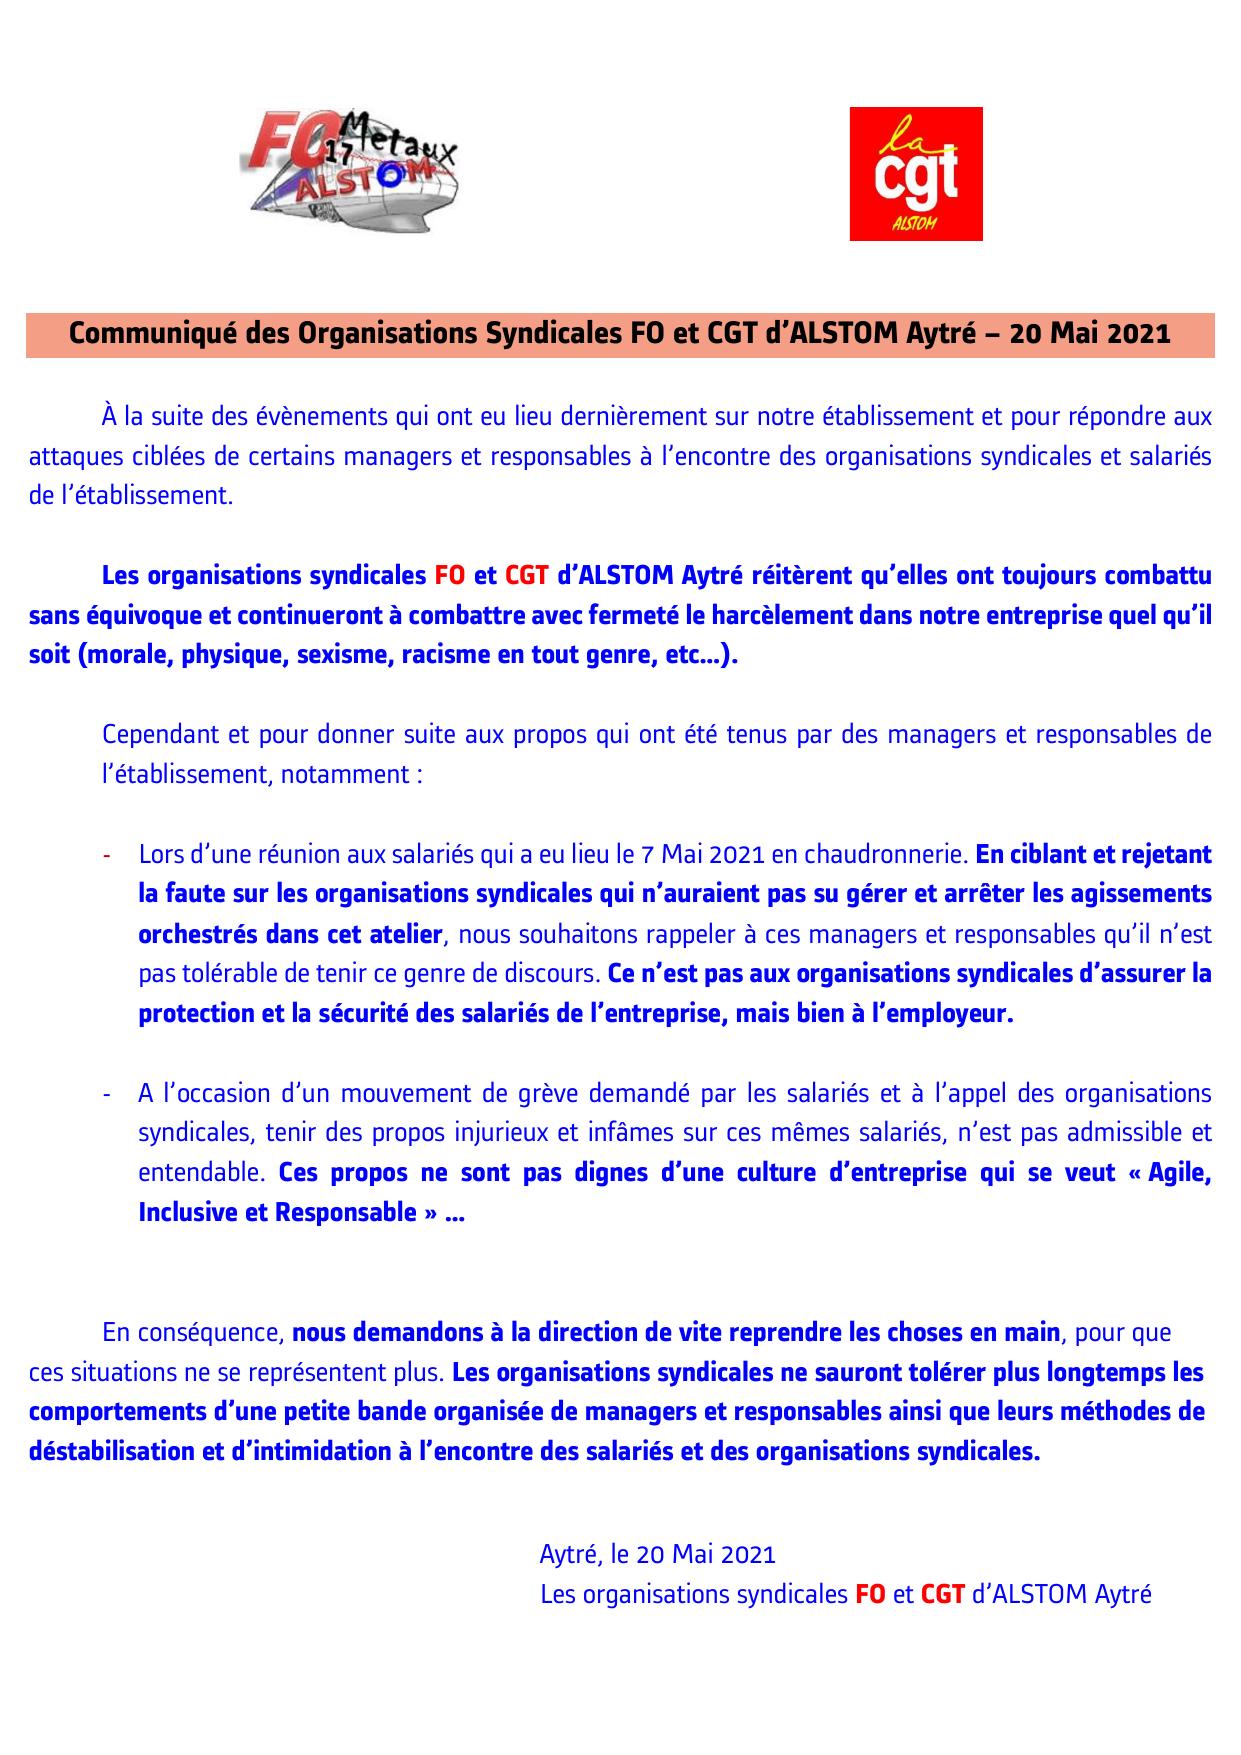 Communiqué des Organisations Syndicales FO et CGT d'ALSTOM Aytré – 20 Mai 2021